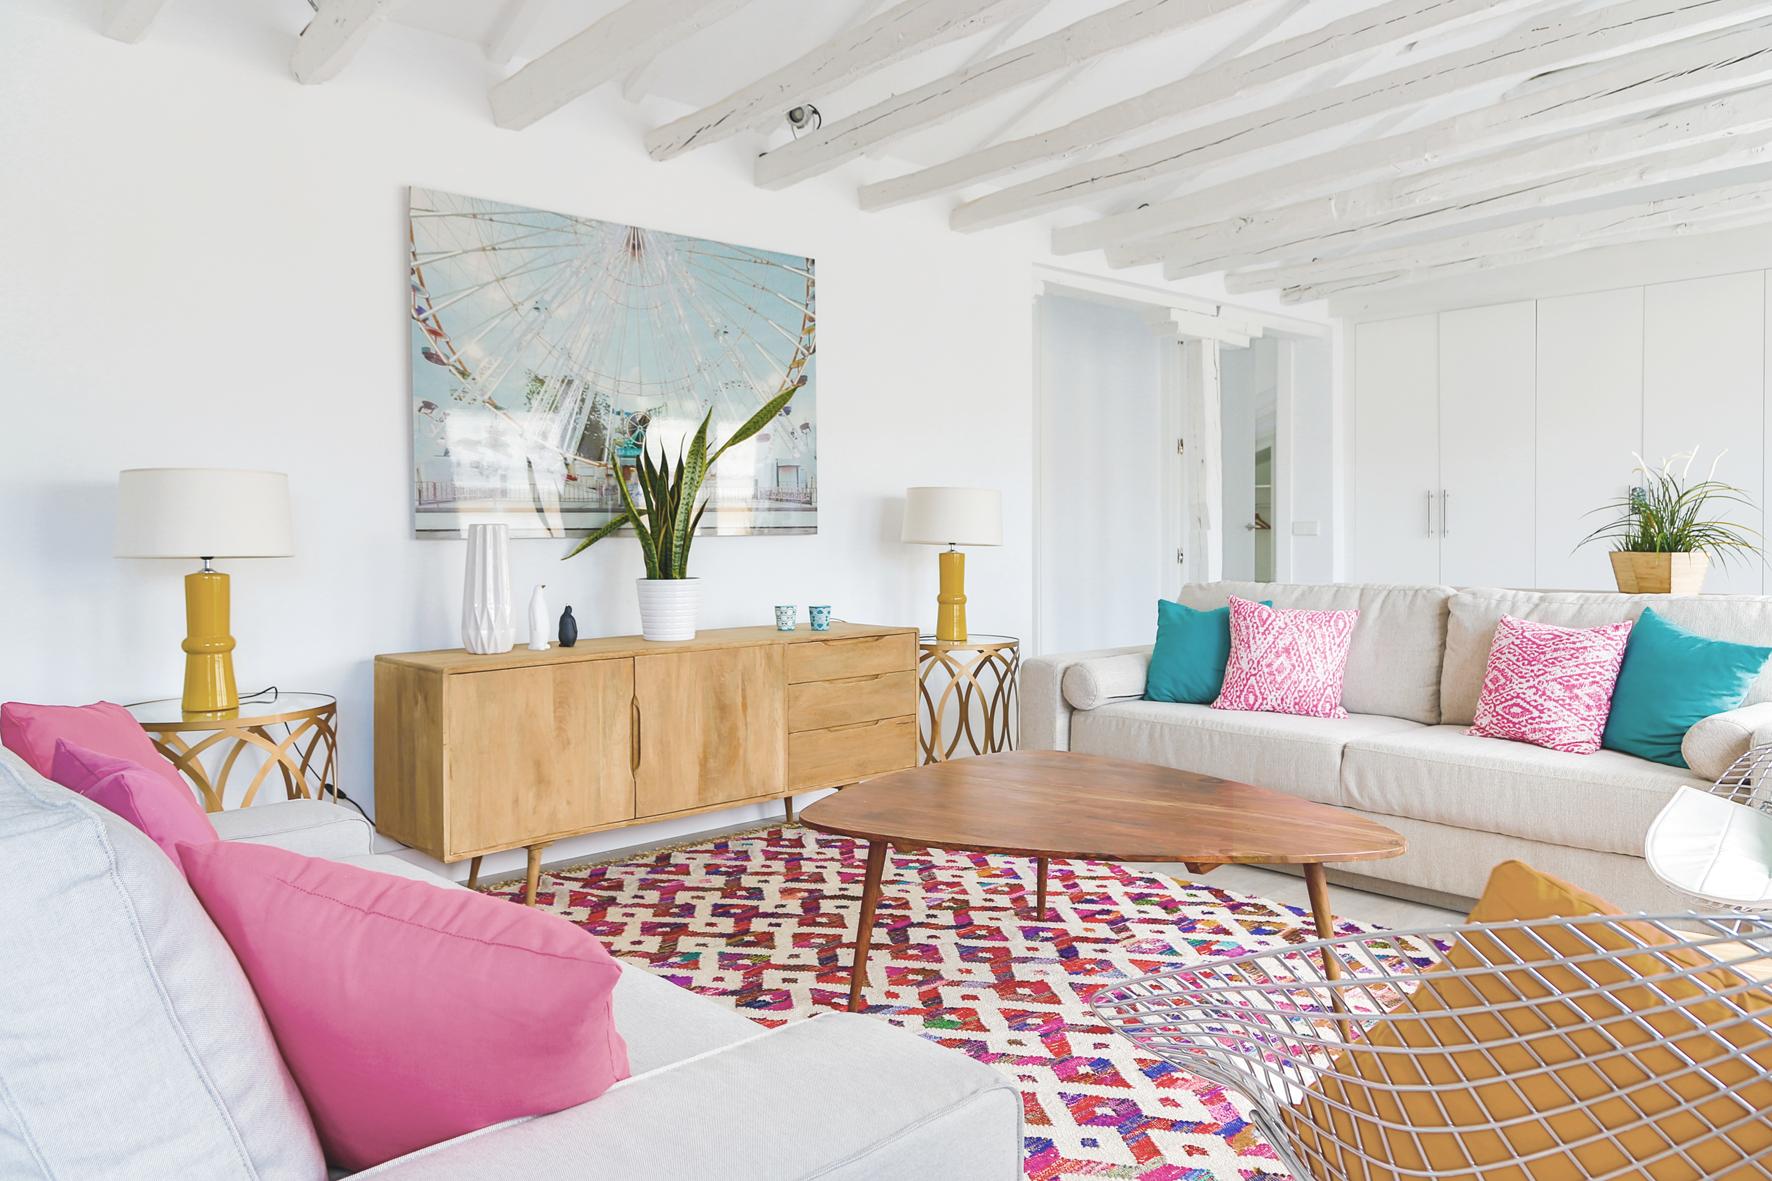 Estudio de arquitectura e interiorismo studio bmkstudio bmk arquitectura interiores en madrid - Estudios de interiorismo madrid ...